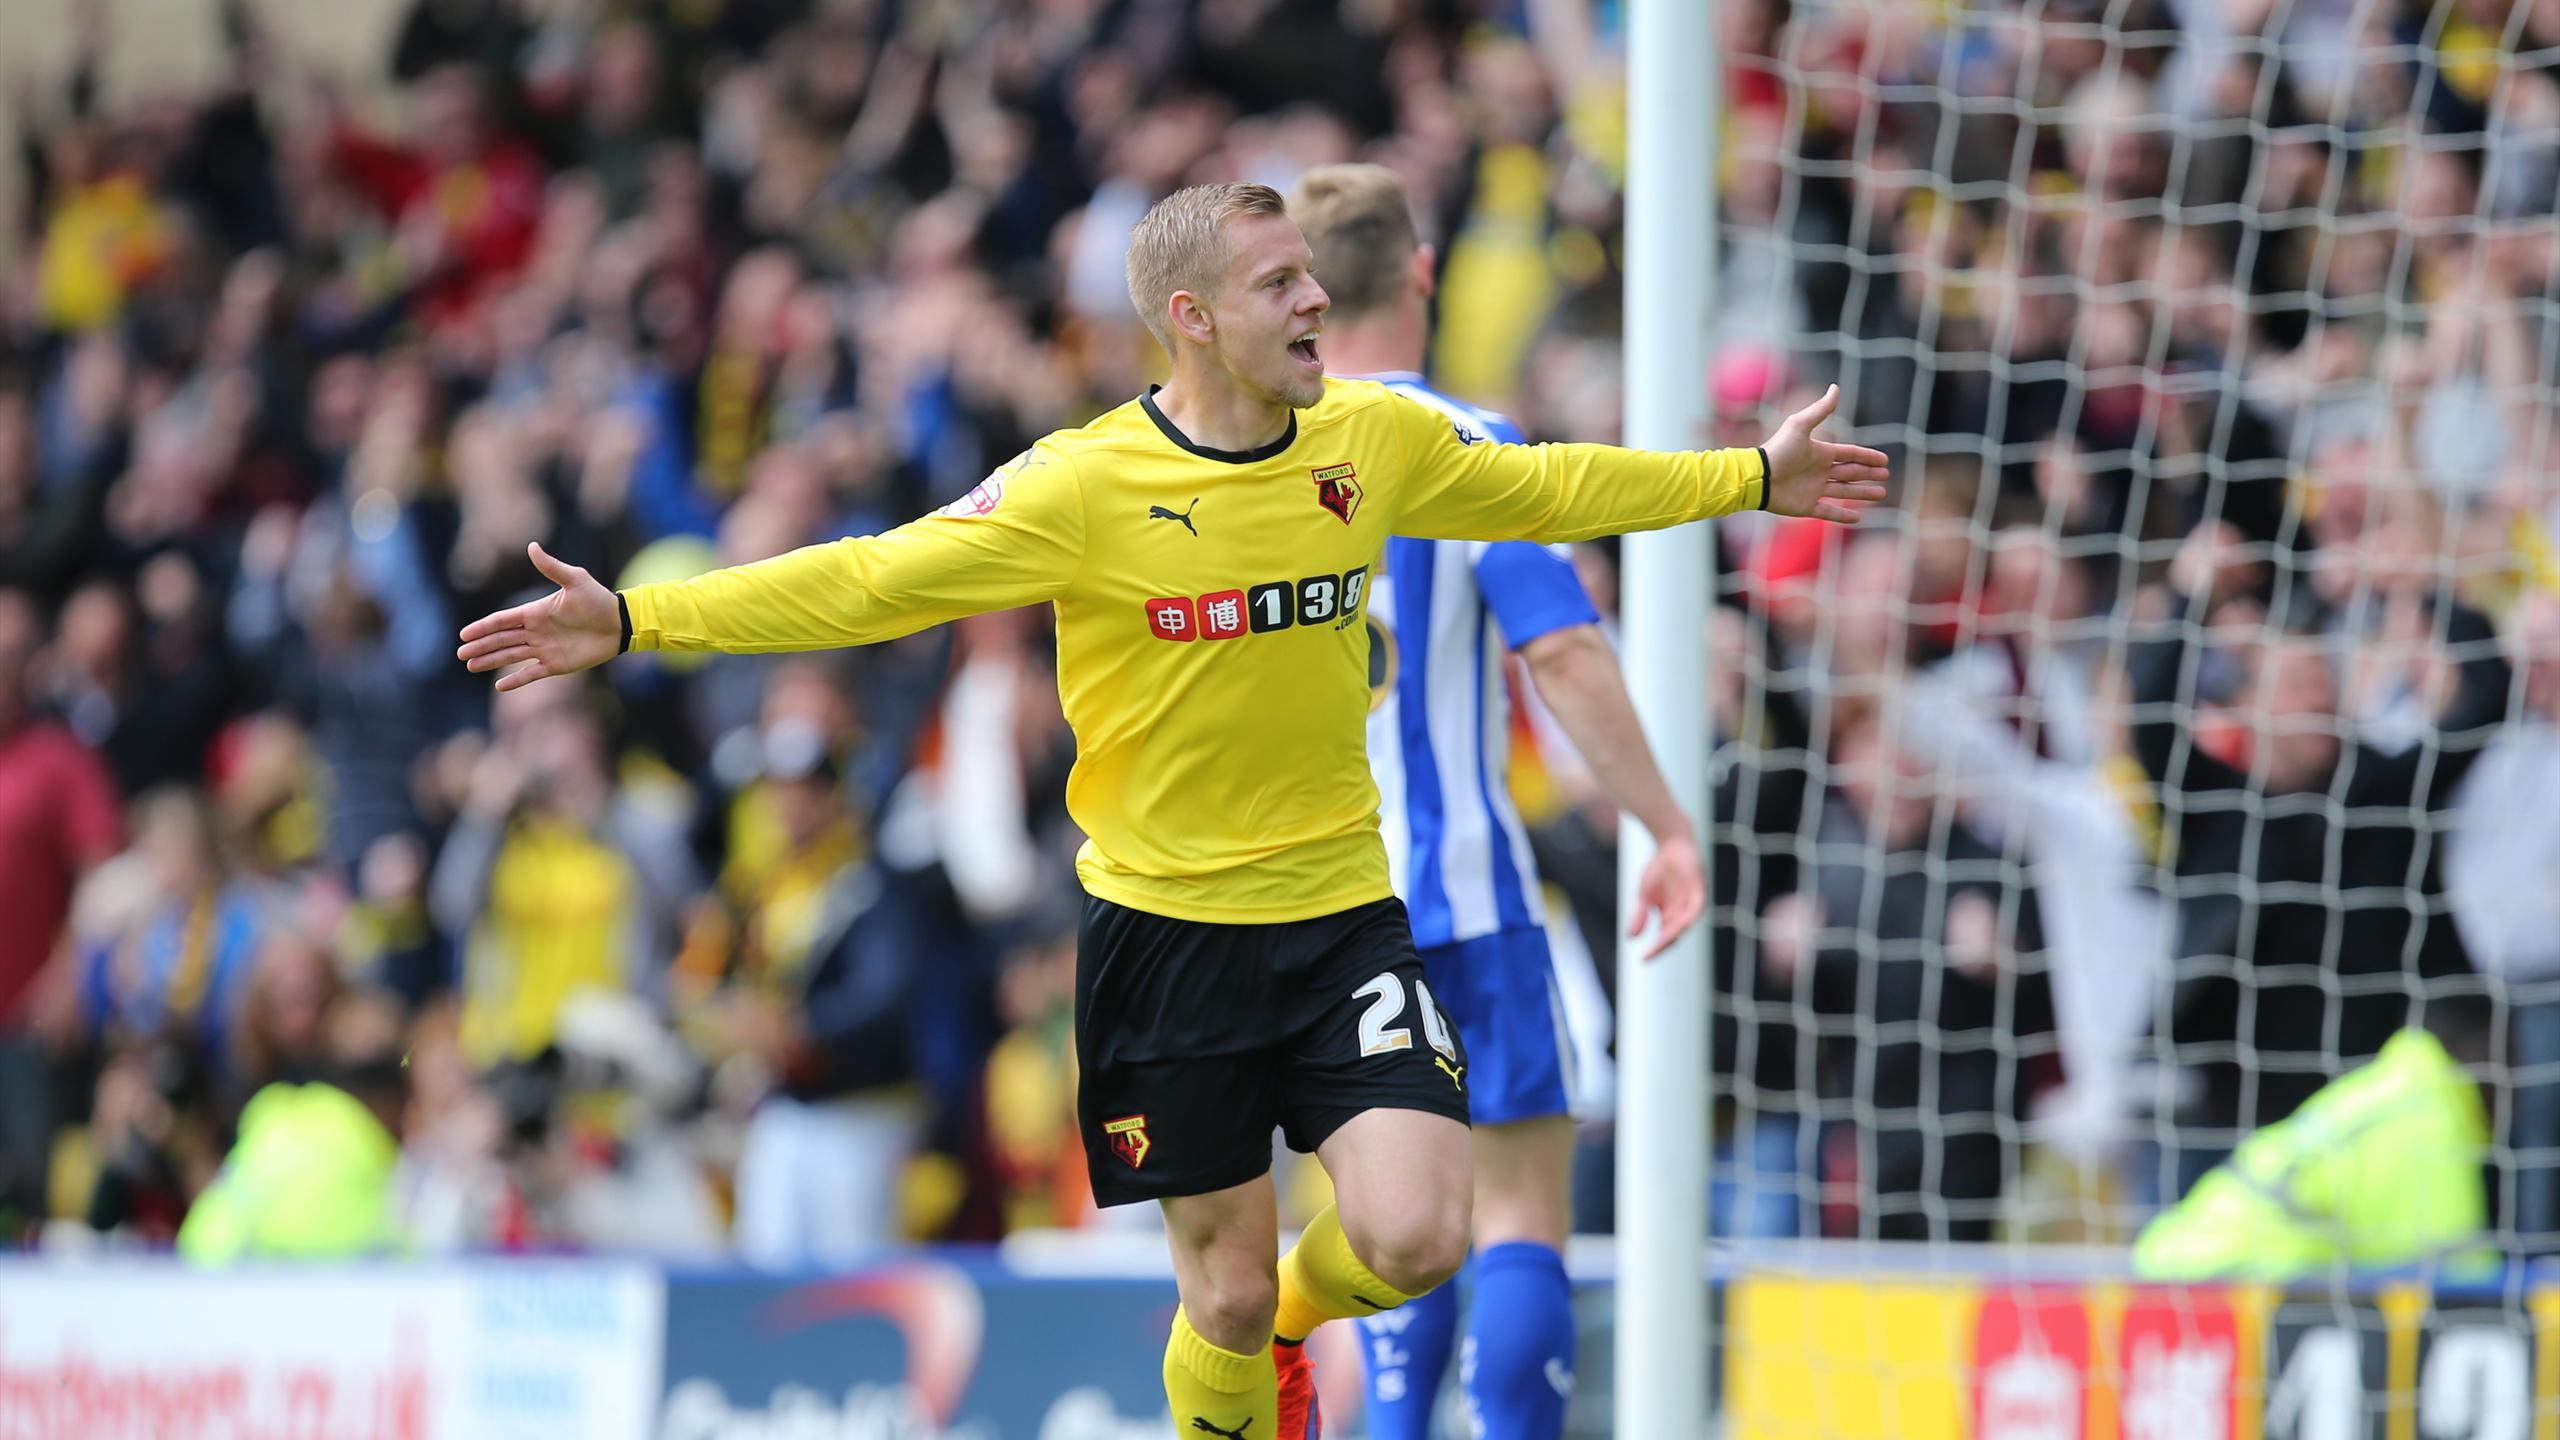 Matej Vydra celebrates scoring for Watford against Sheffield Wednesday